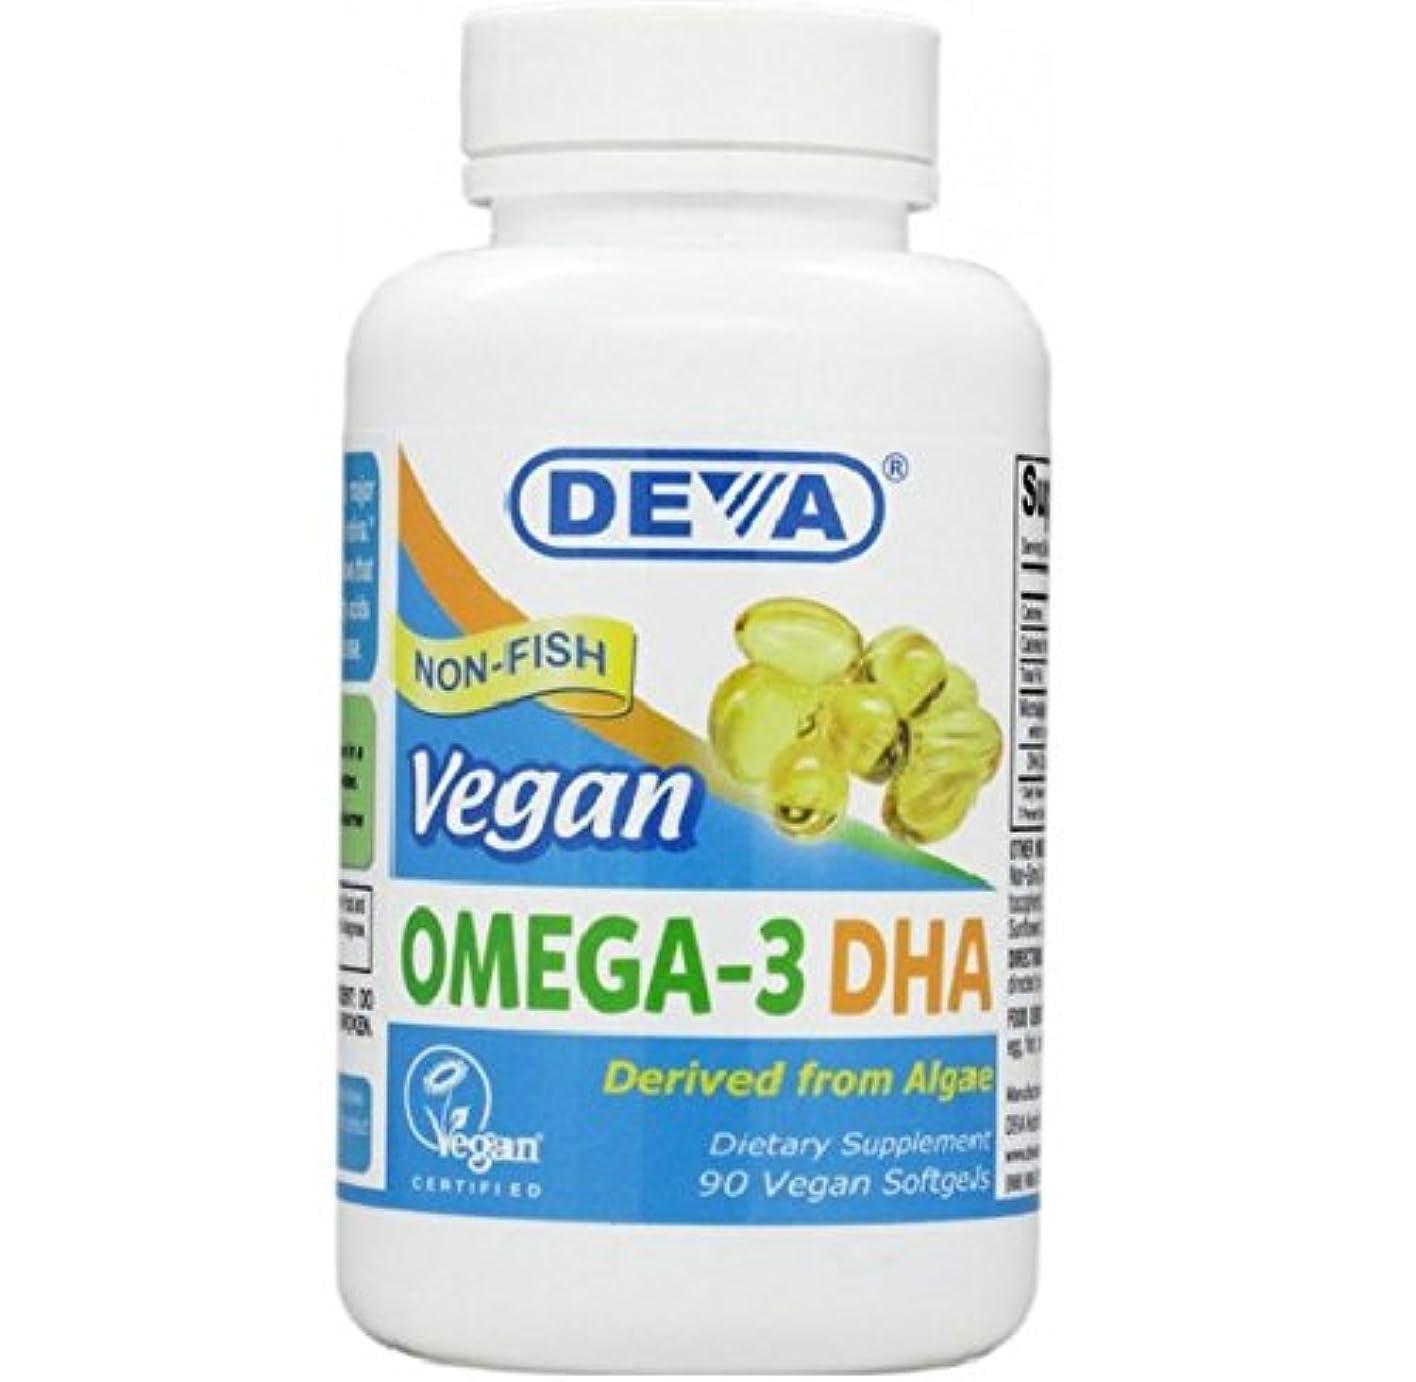 松出くわす保存海外直送肘 Omega-3 DHA, 90 SGEL